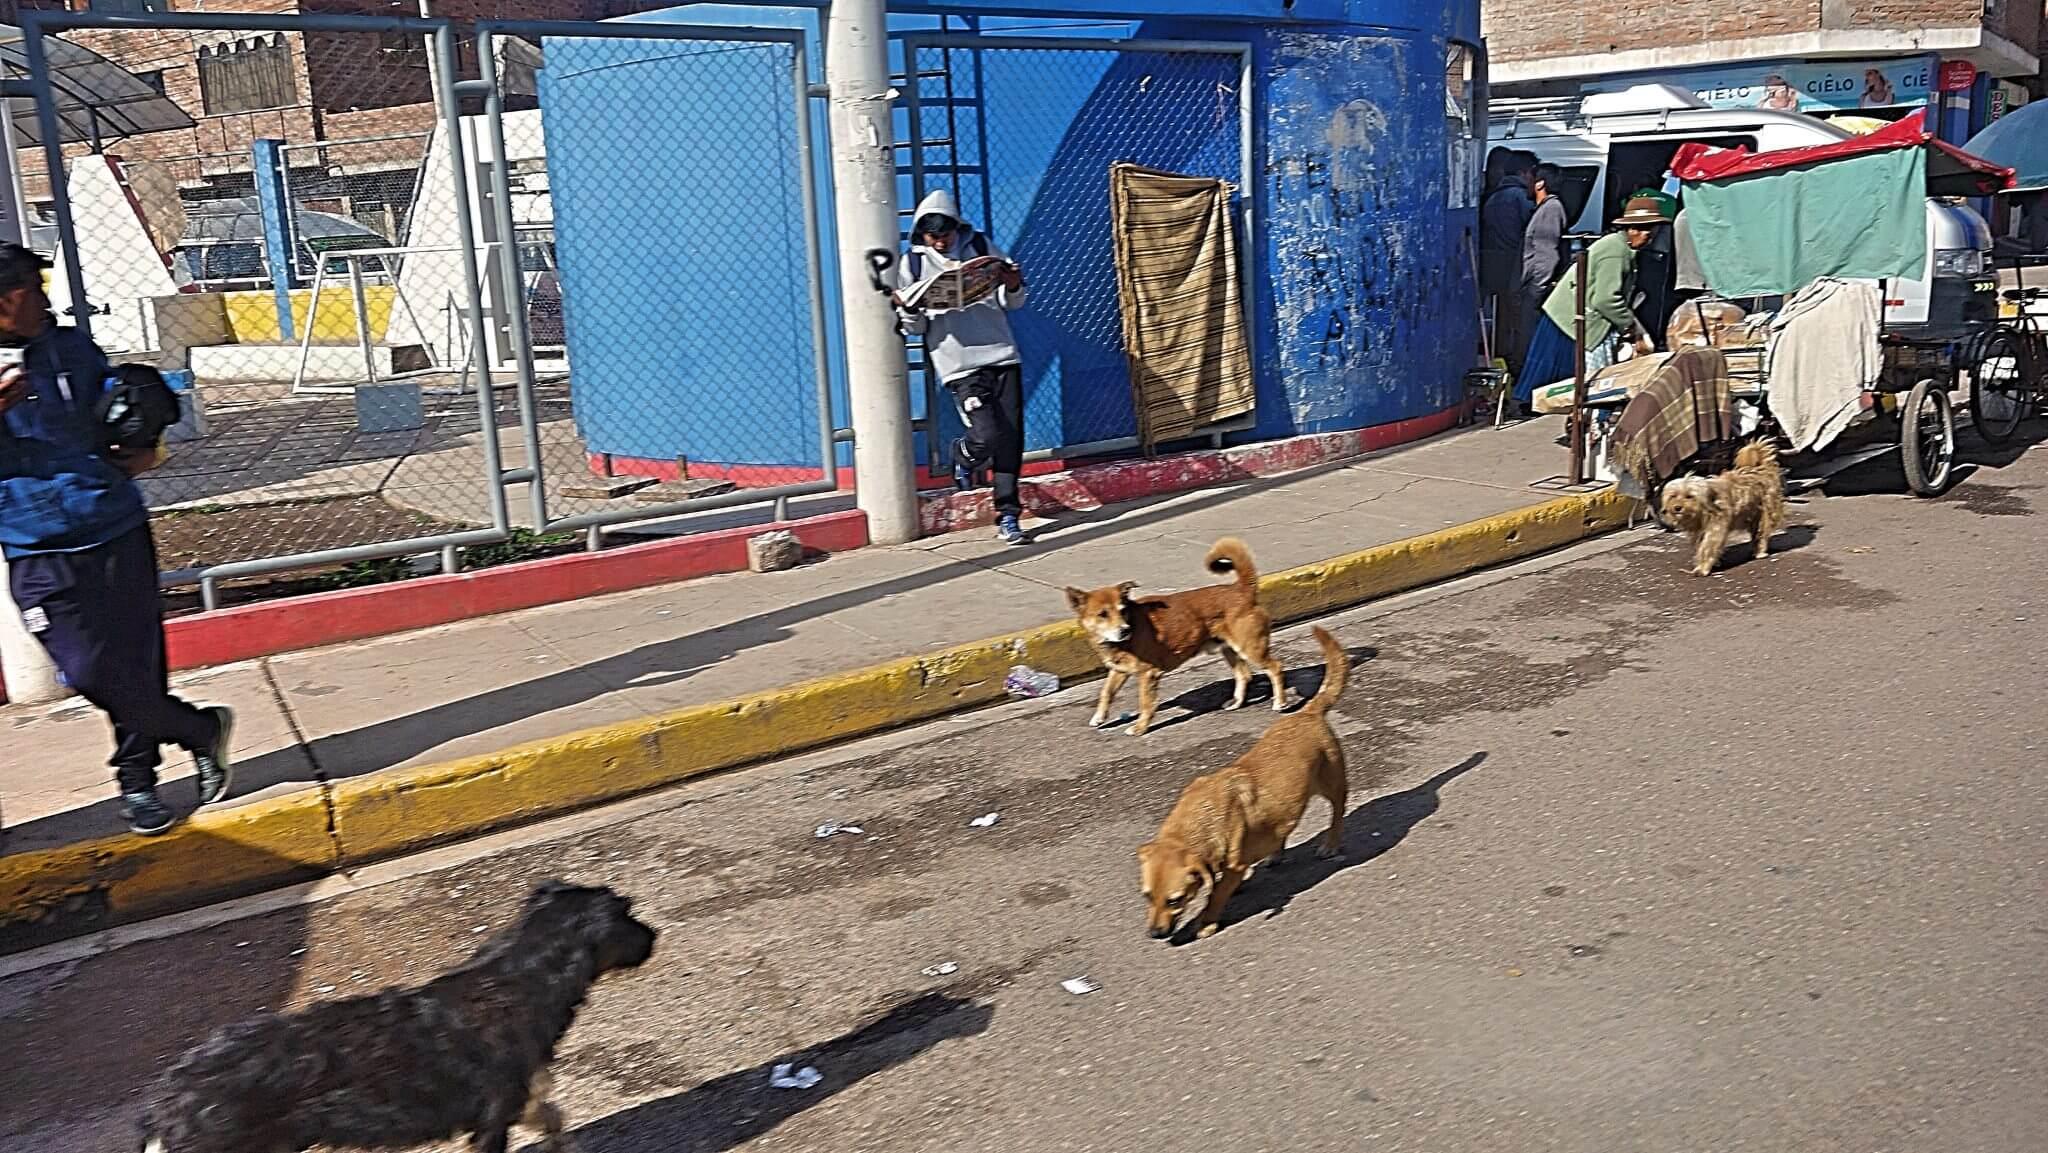 集団で動く犬は注意が必要